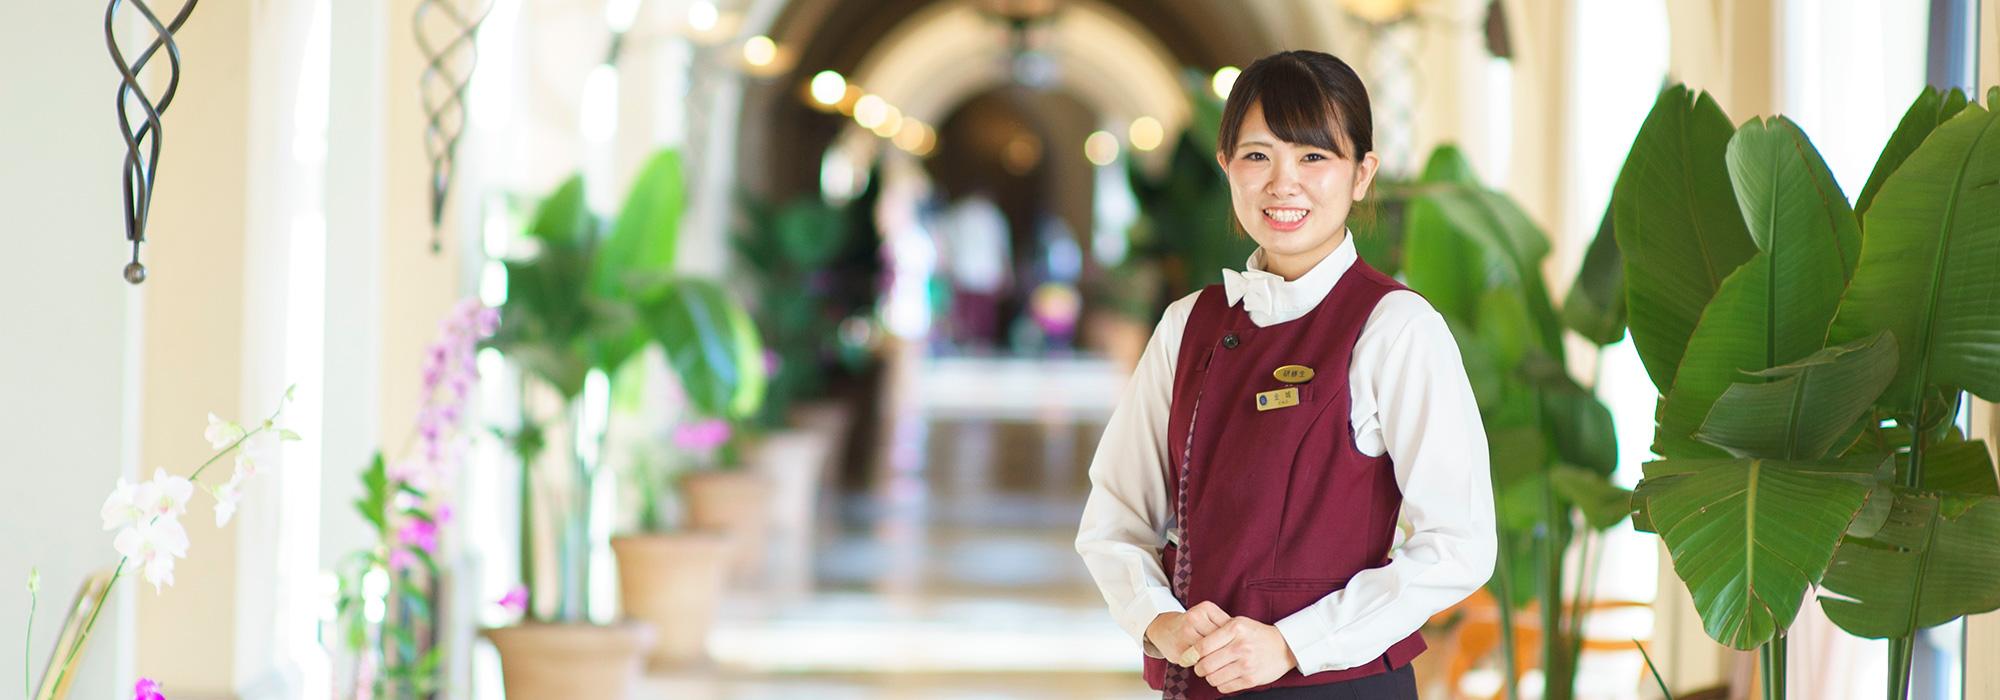 ホテル・ブライダル科 ホテルリゾートコース